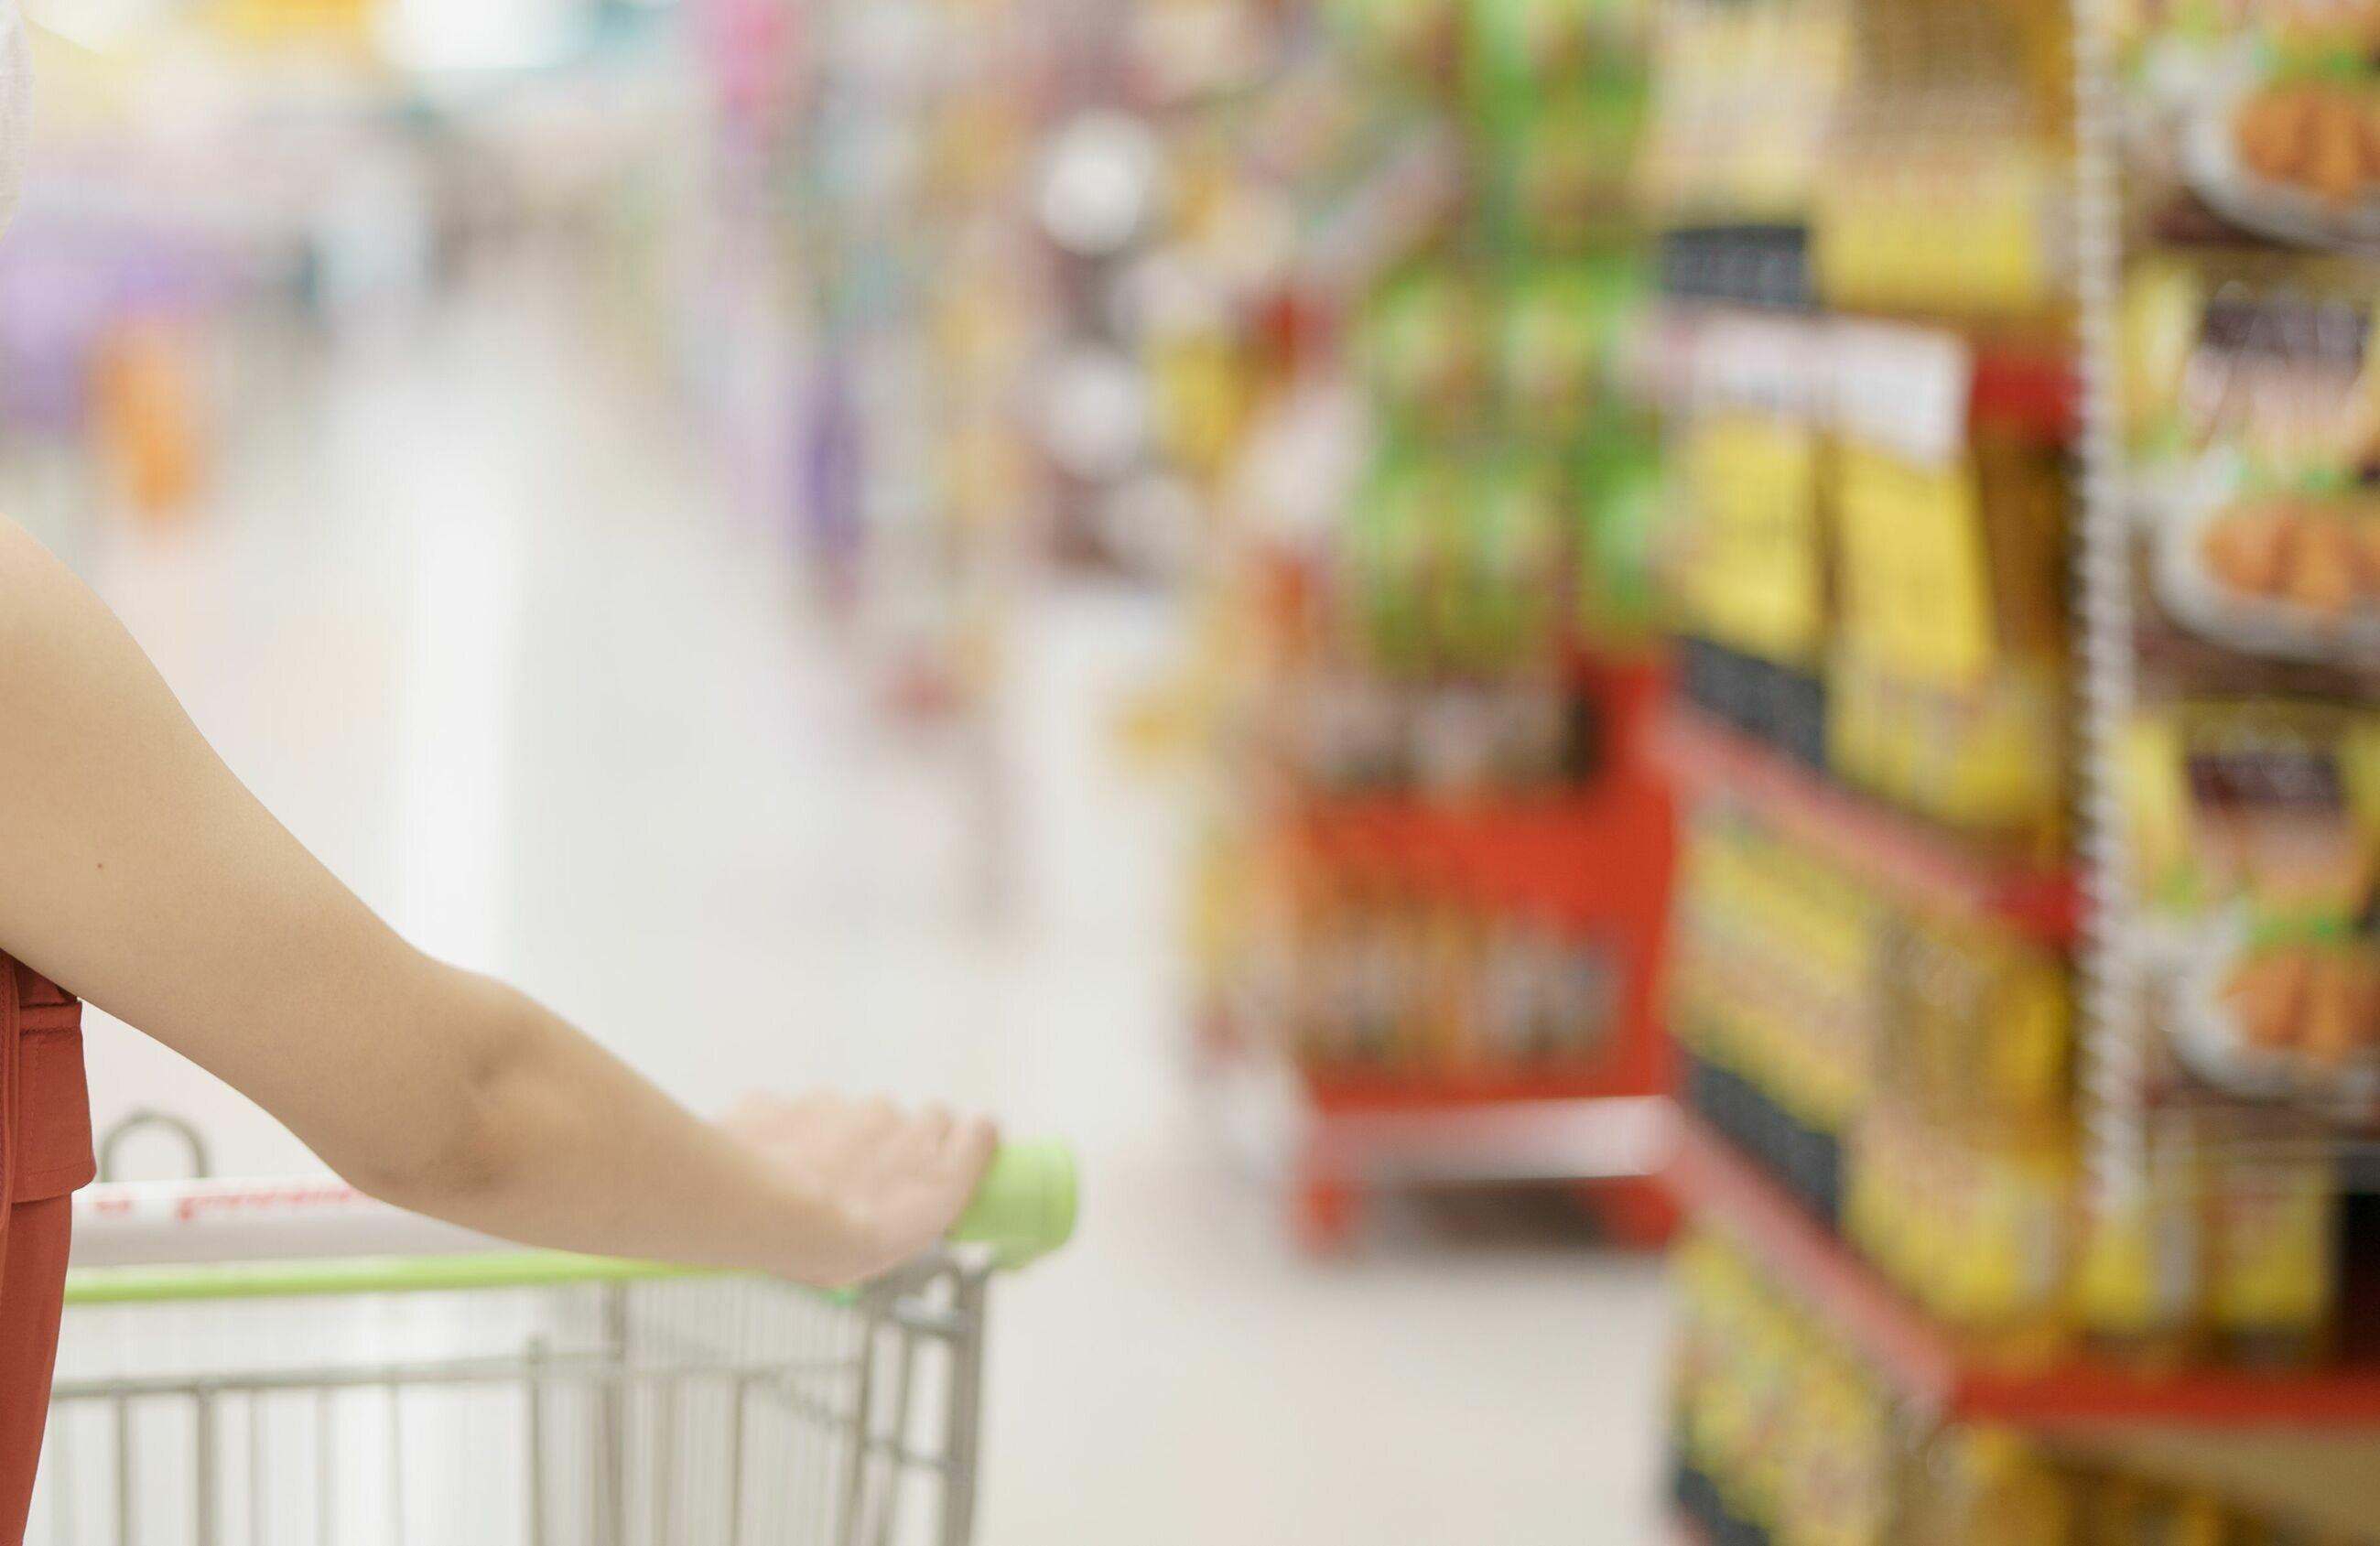 Niedziela handlowa 2020. Czy dziś, 27 września, sklepy będą otwarte? Czy jest zakaz handlu?